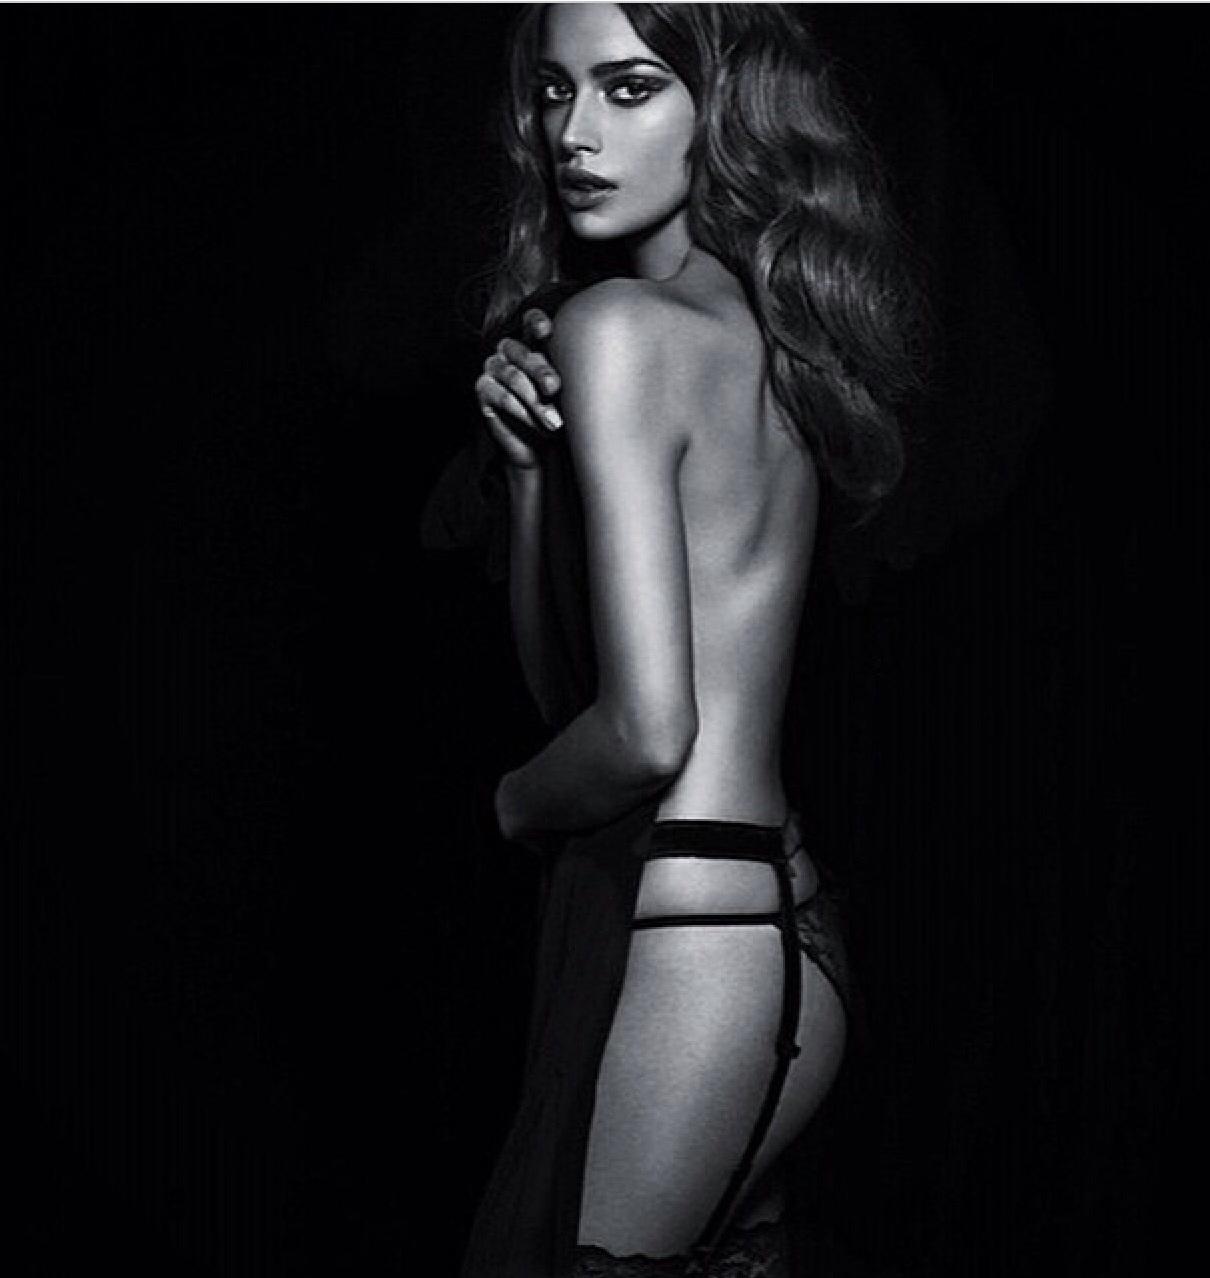 TheFappening Meri Gulin nude (56 photos), Topless, Hot, Feet, butt 2020